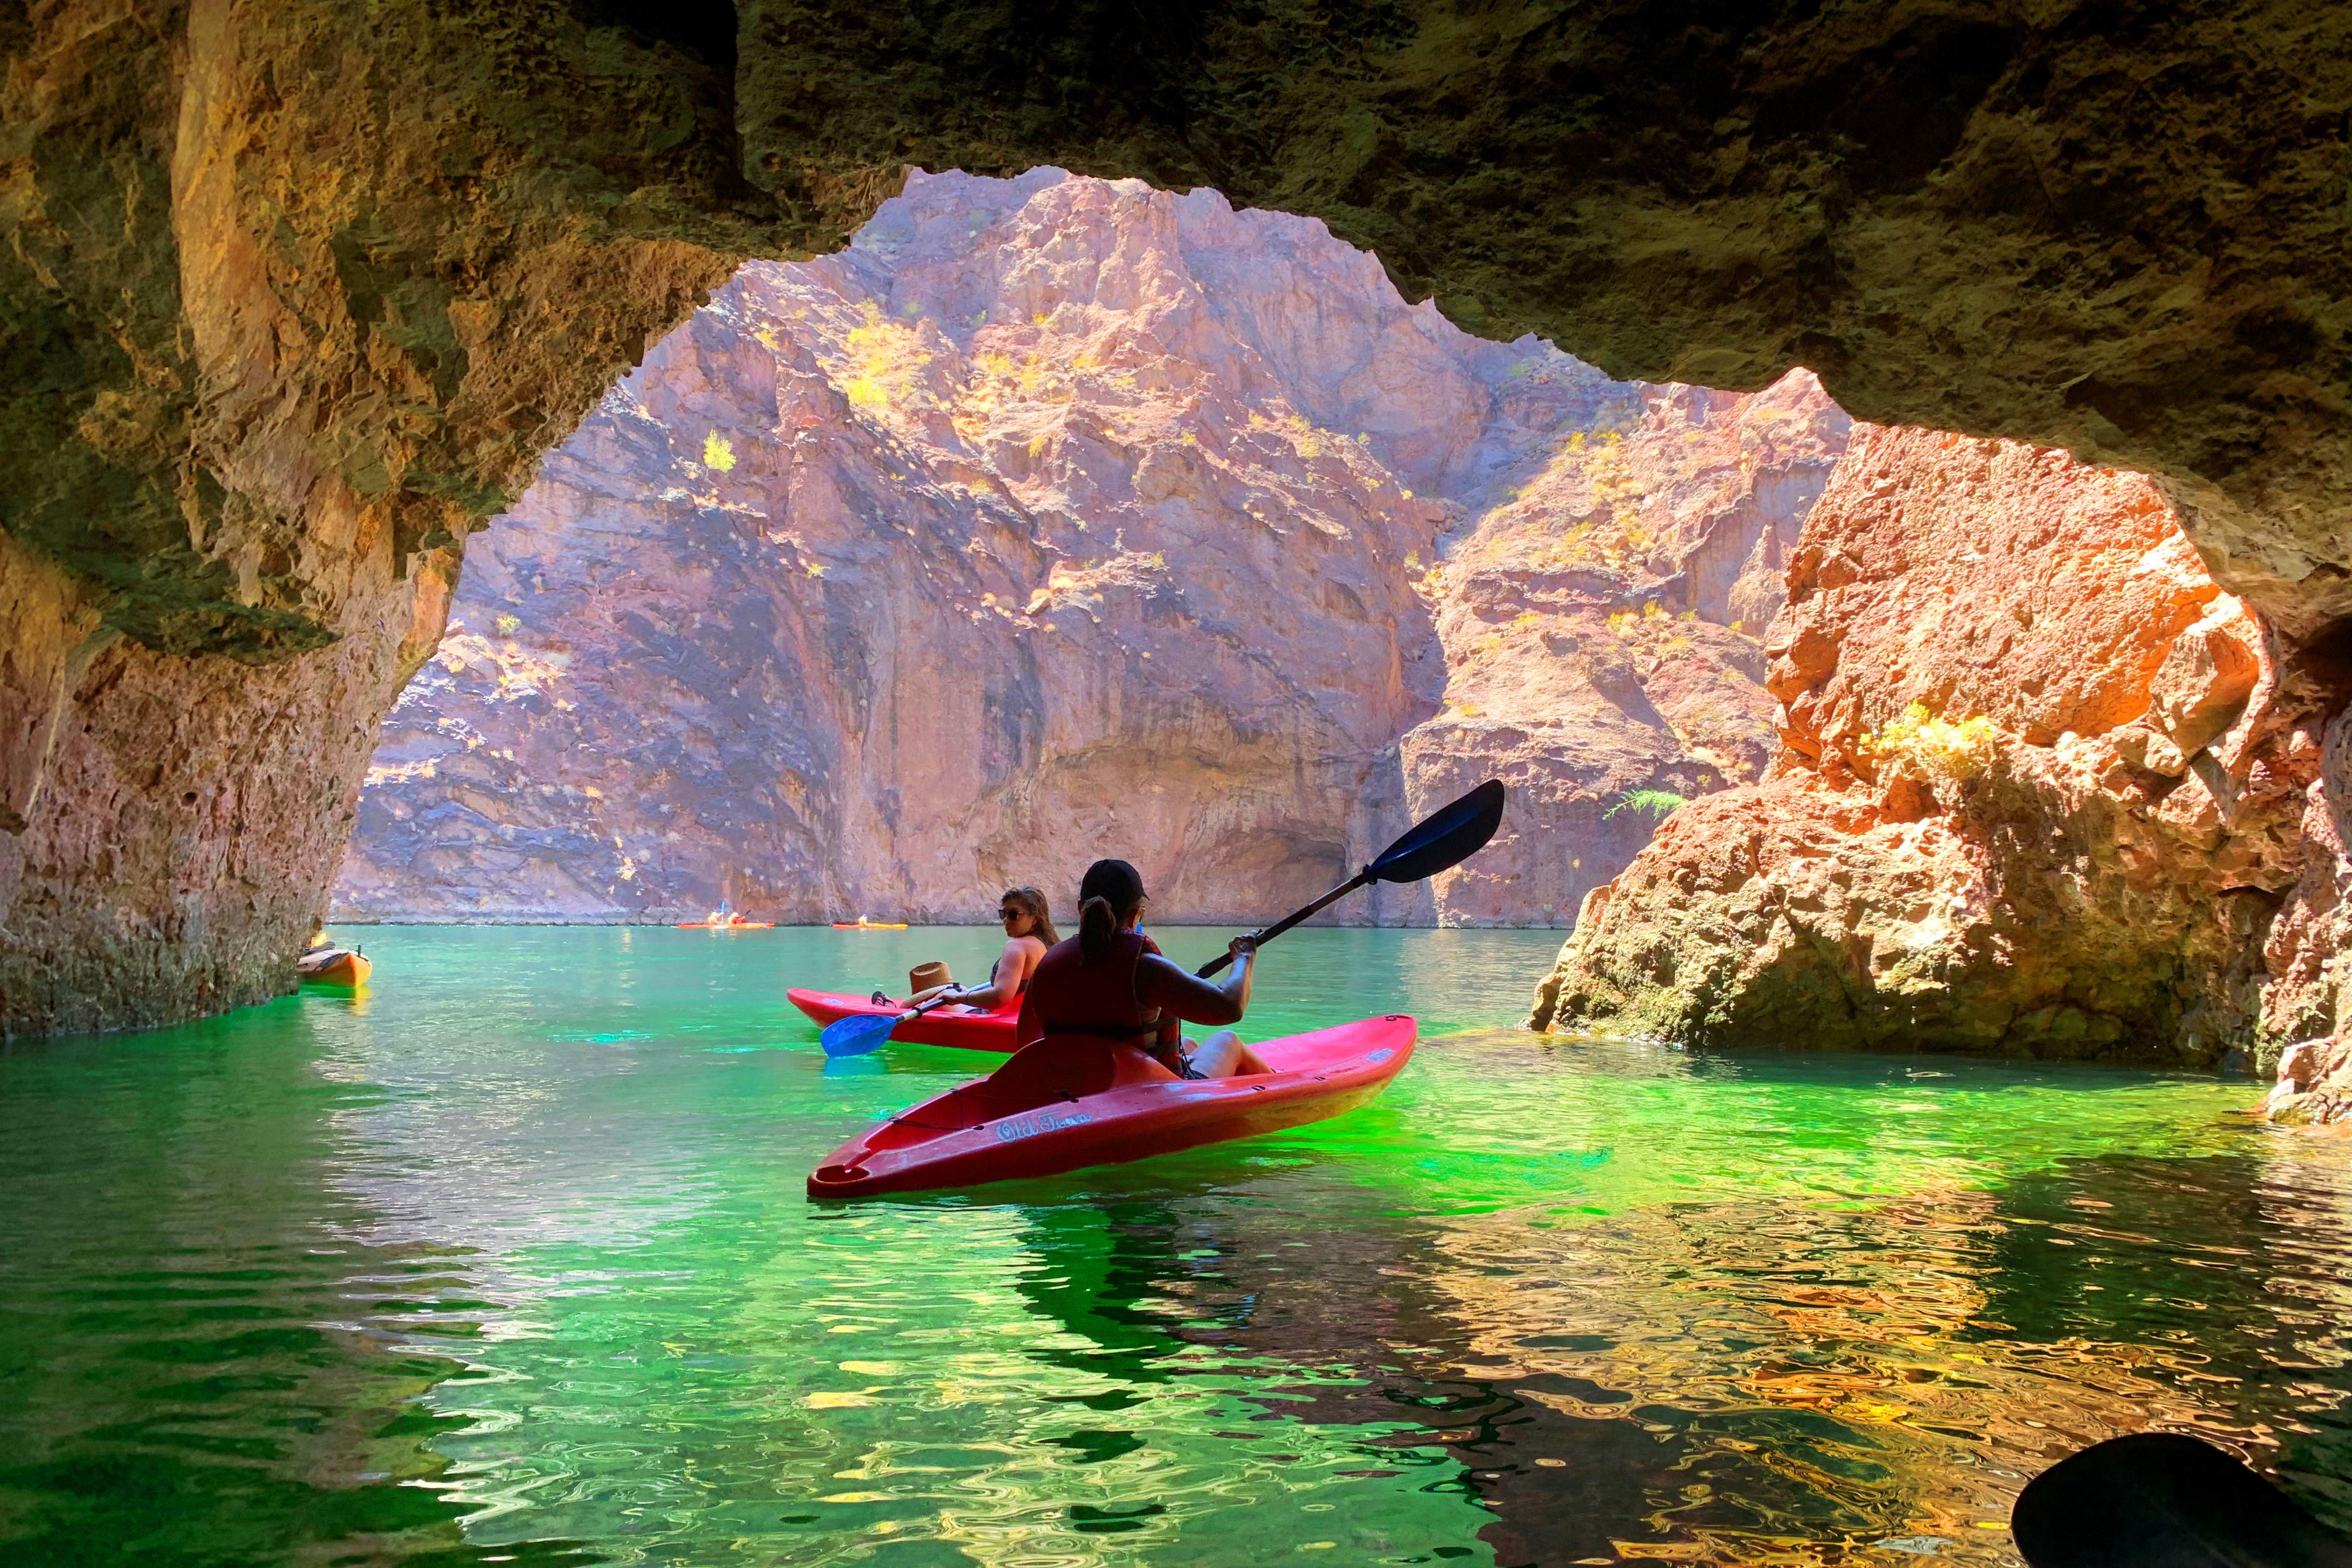 cororado-river-kayaking-tour